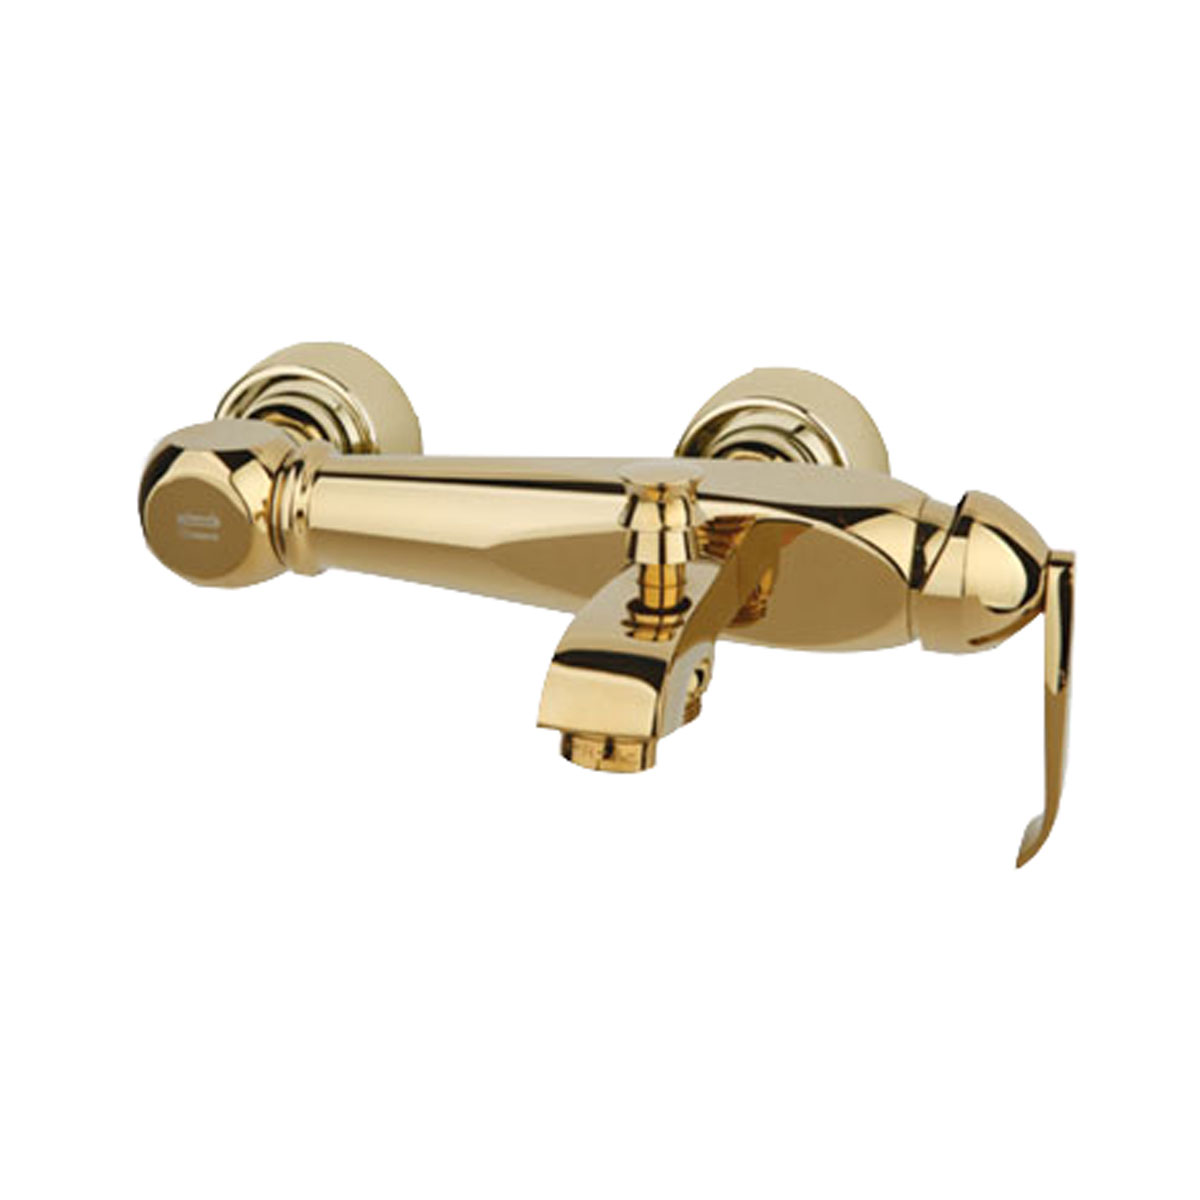 شیر حمام راسان مدل آلیس رنگ طلایی